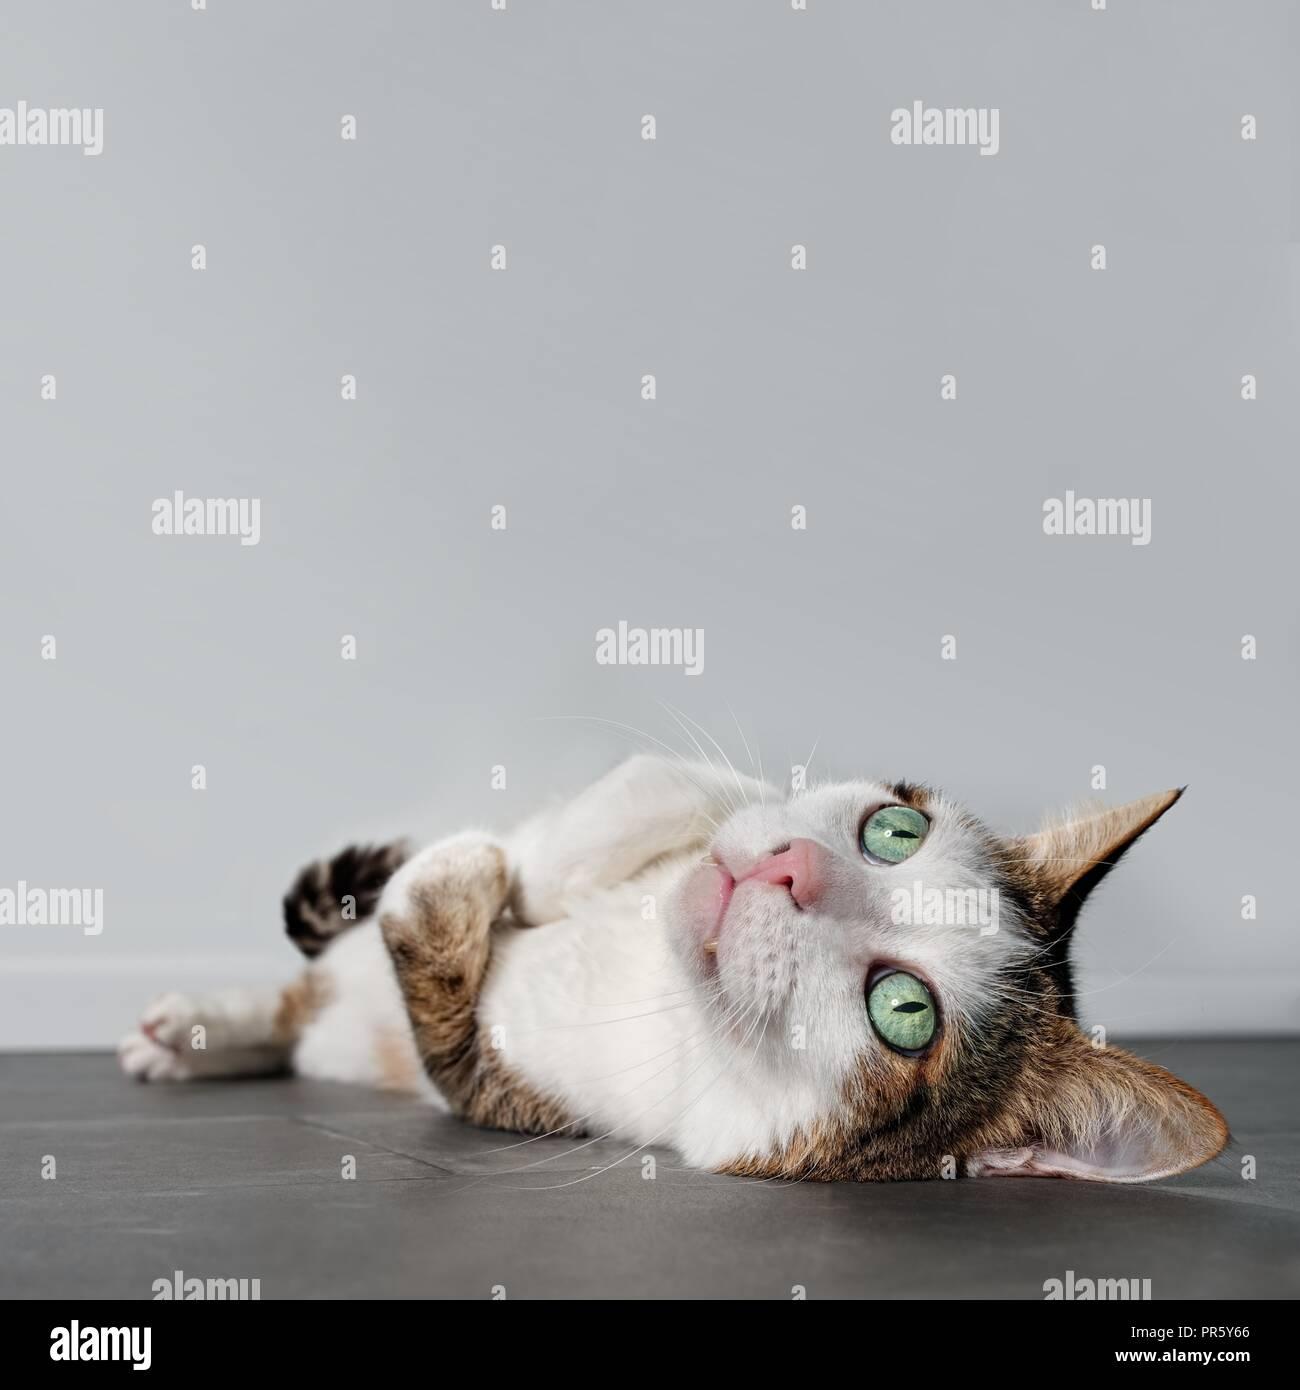 Satisfecho gato atigrado relajado tendido en el suelo y mirando hacia arriba. Imagen De Stock